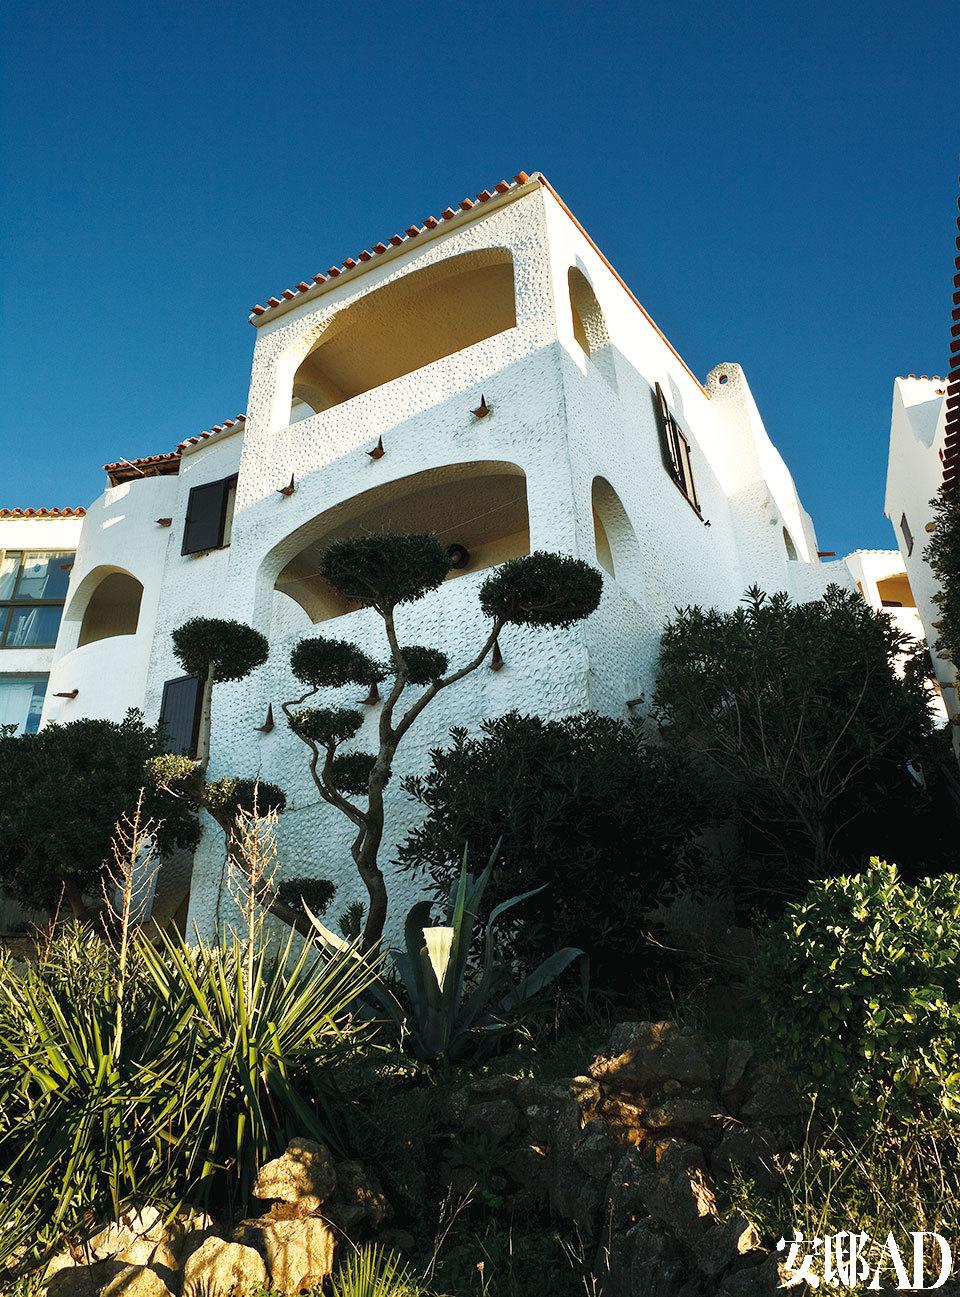 本土建筑的白色外衣与地中海特有的湛蓝天空形成对比,她们各不相同却又统一着。